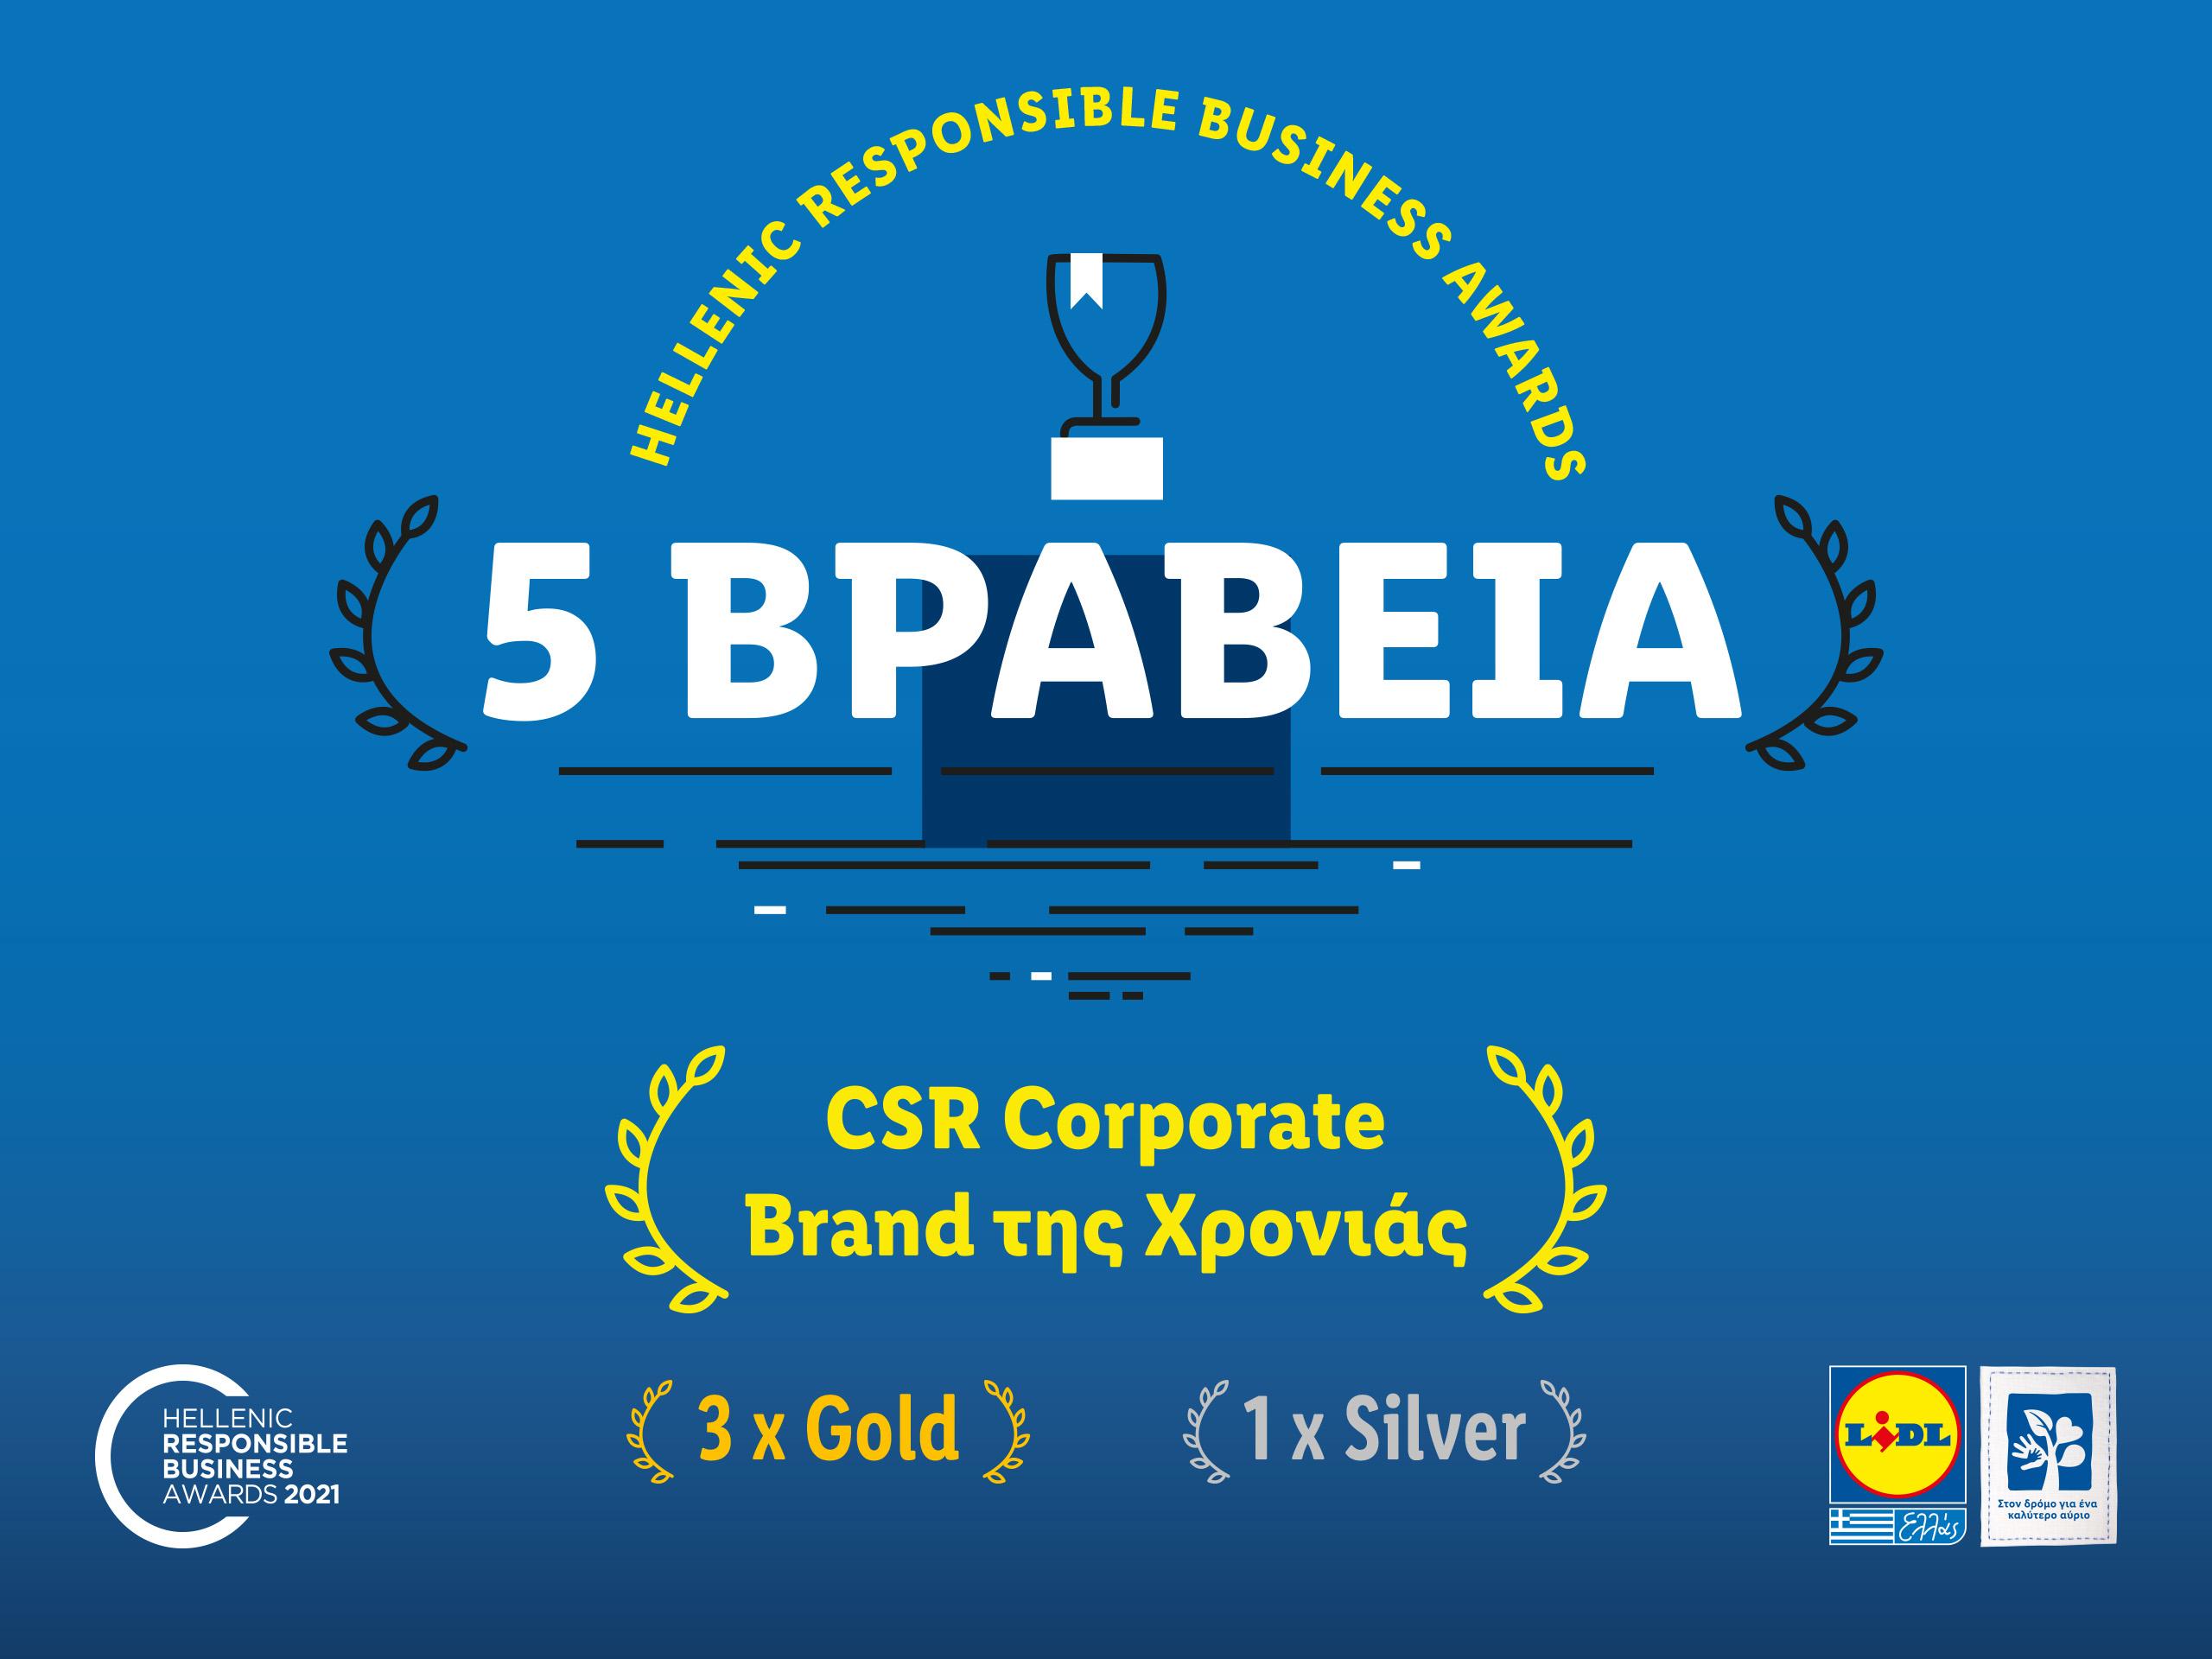 Η Lidl Ελλάς αναδείχθηκε CSR Corporate Brand της χρονιάς στα Hellenic Responsible Business Awards 2021